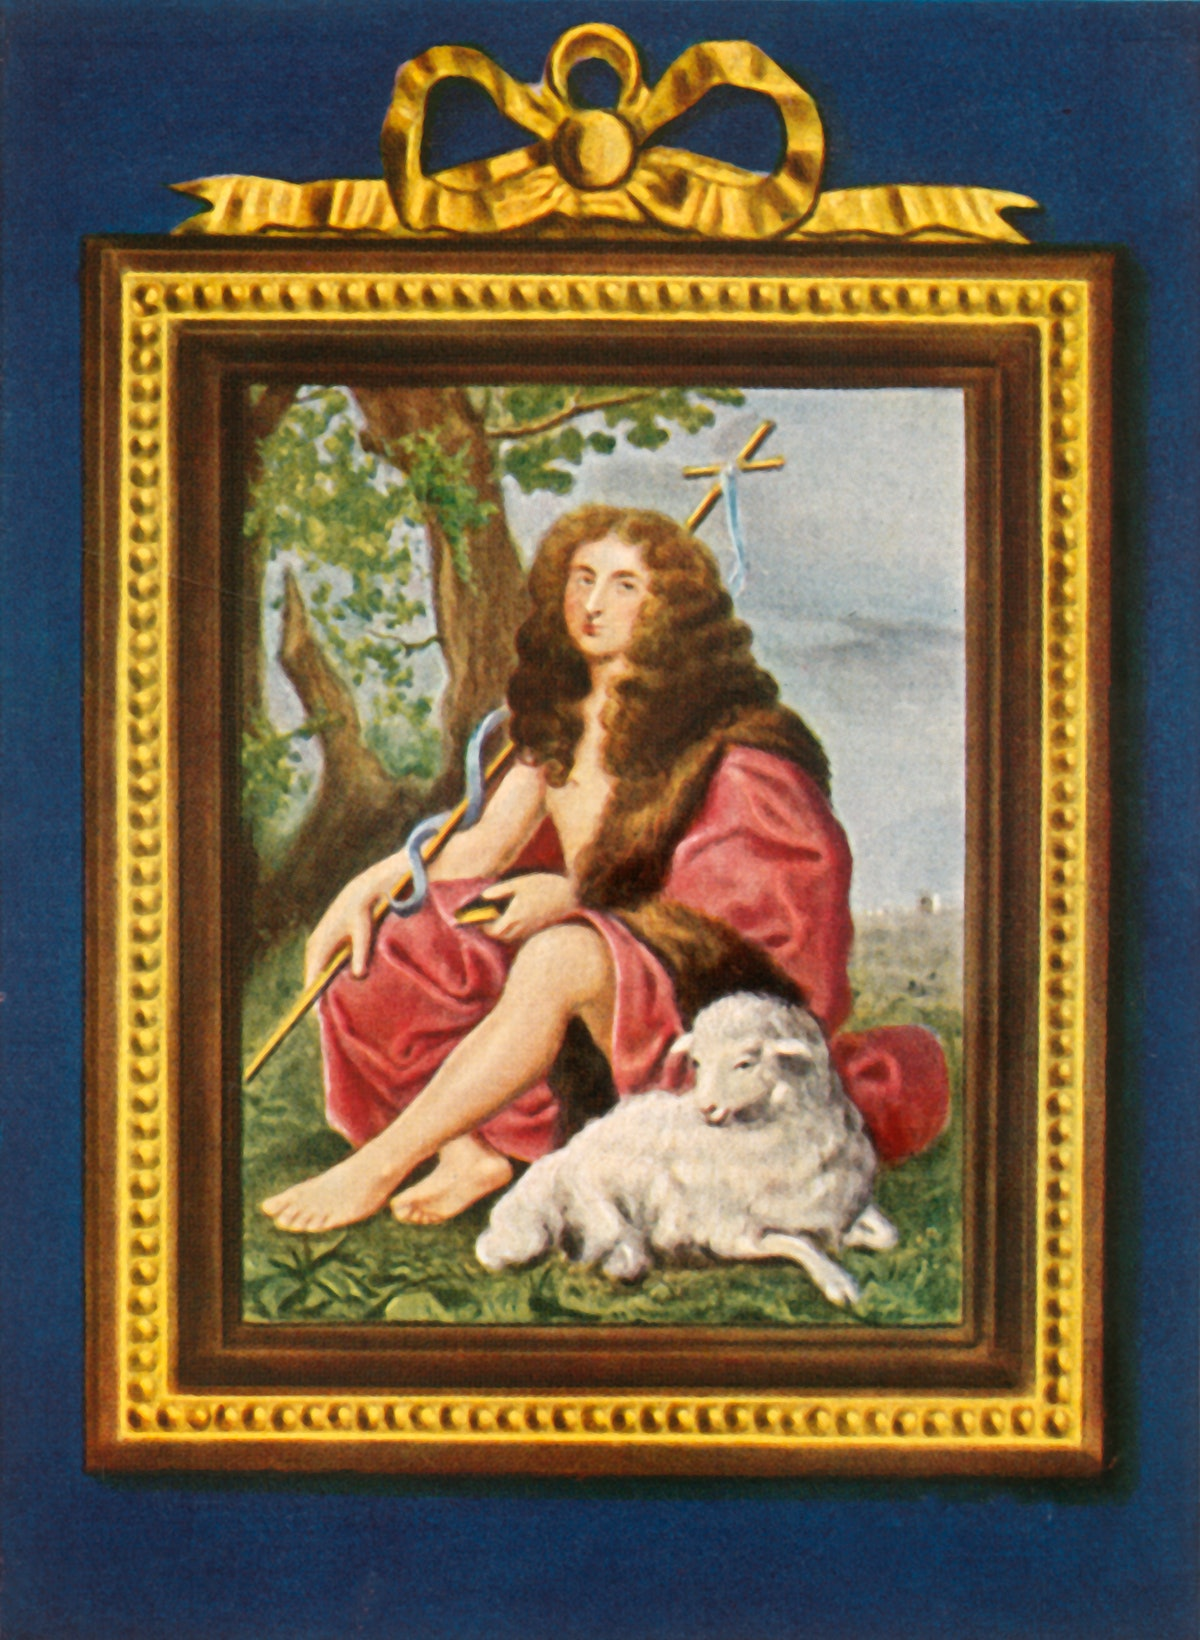 Philipp I. Herzog Von Orleans', (1933). Portrait of Philippe I, Duke of Orleans (1640-1701) as John ...